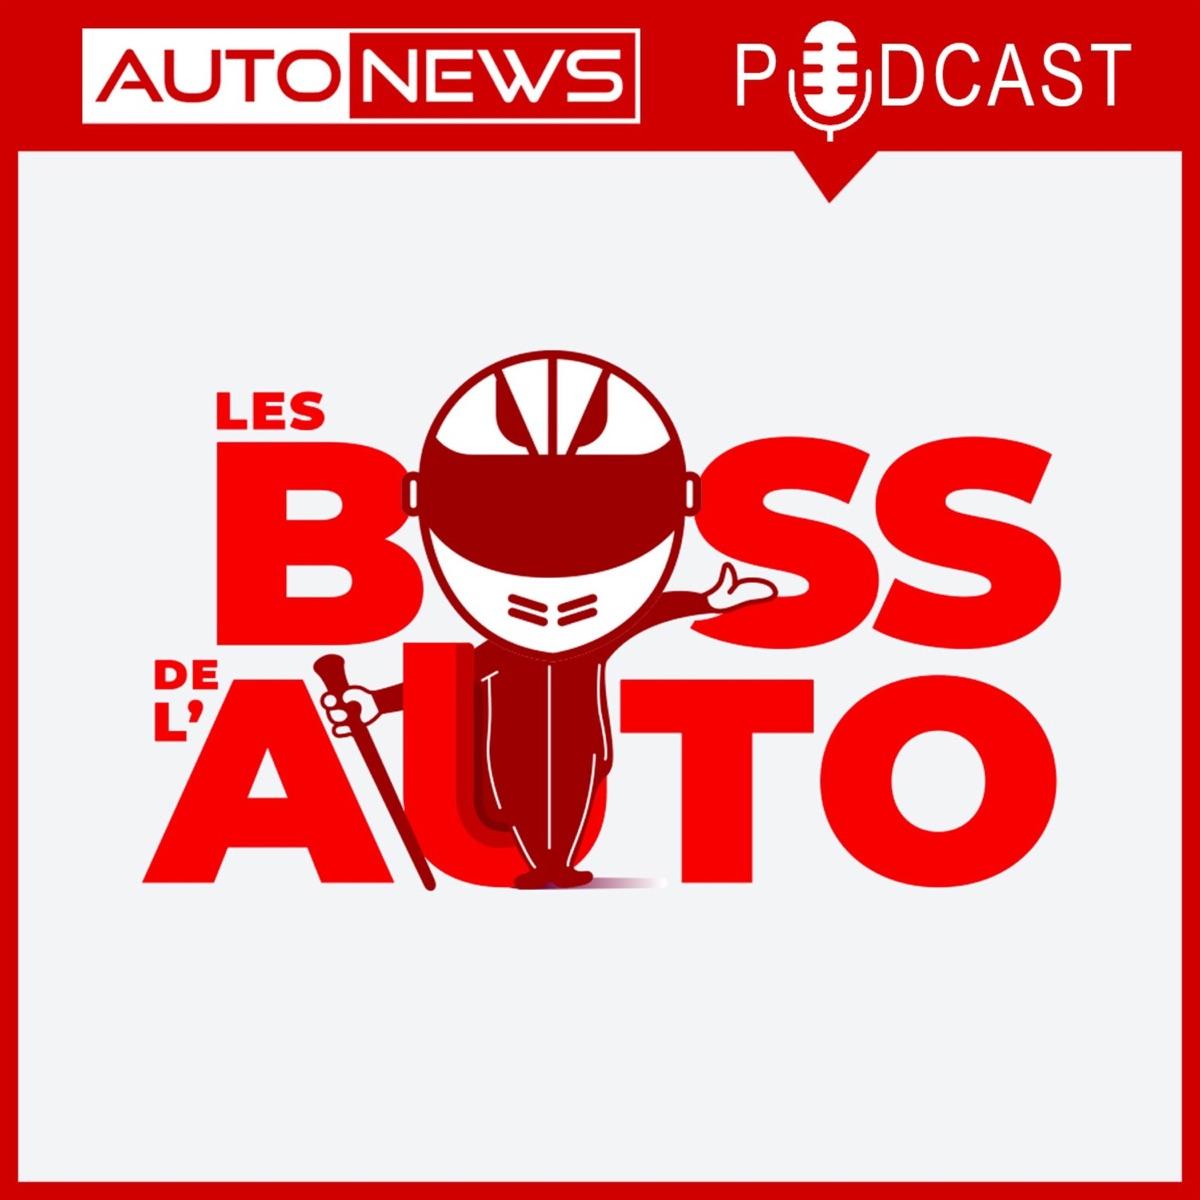 Les Boss de l'Auto